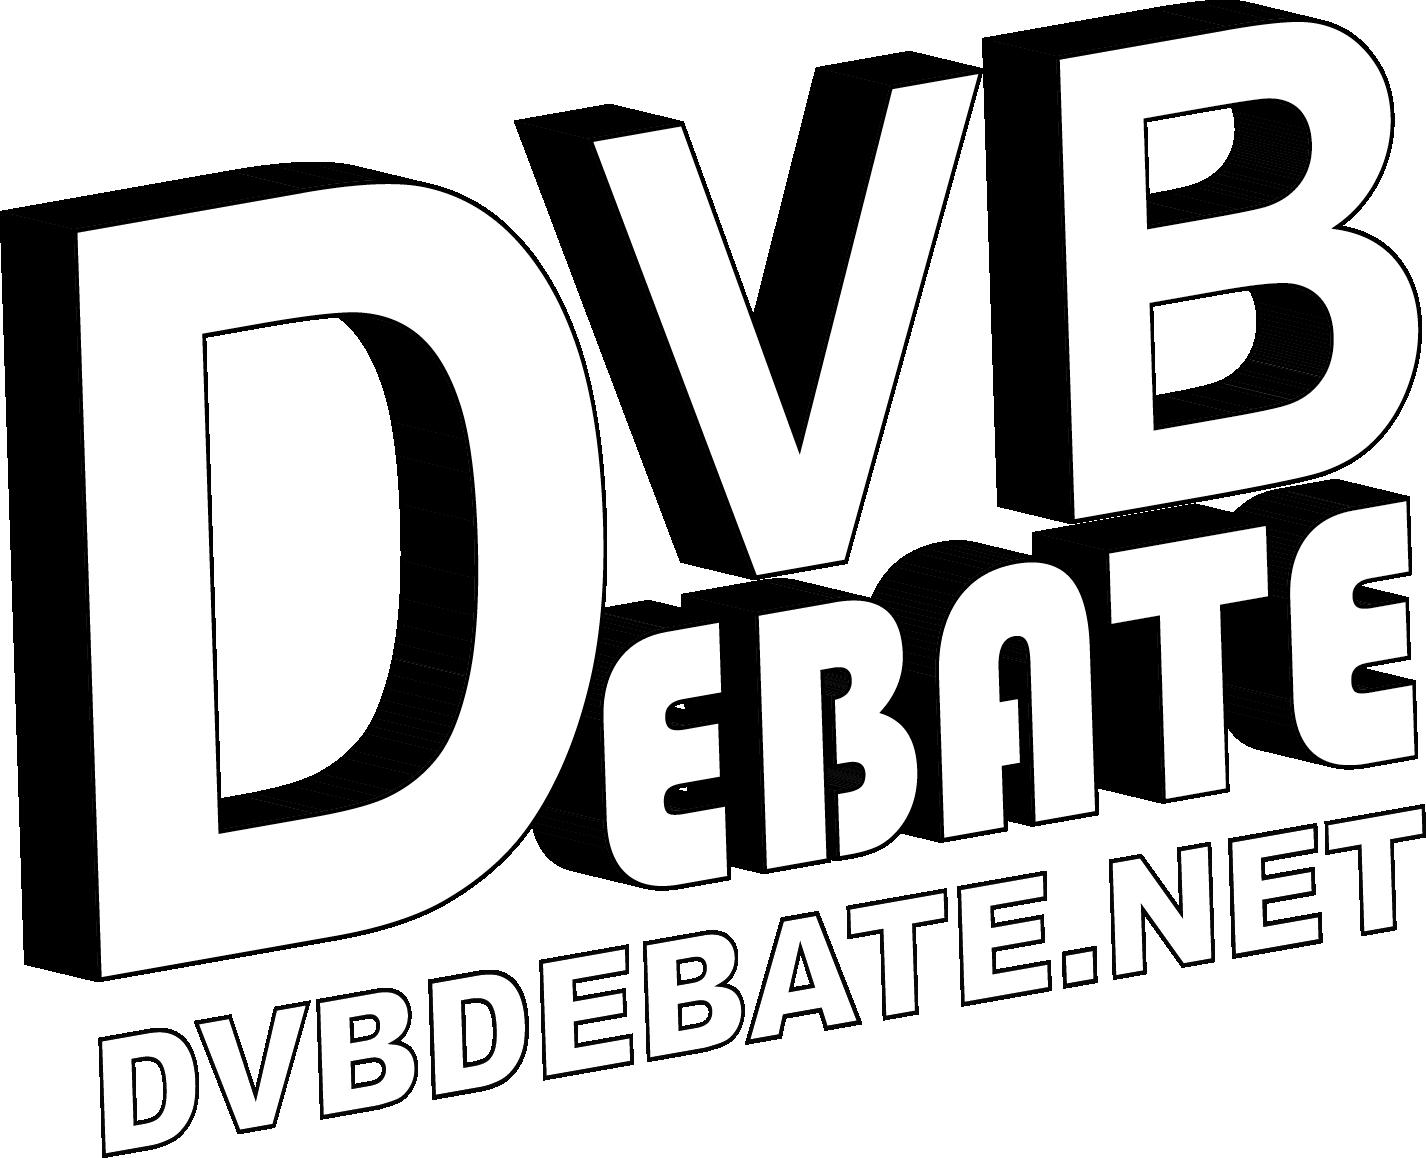 Debate clipart speech festival. Dvb offers highlights and